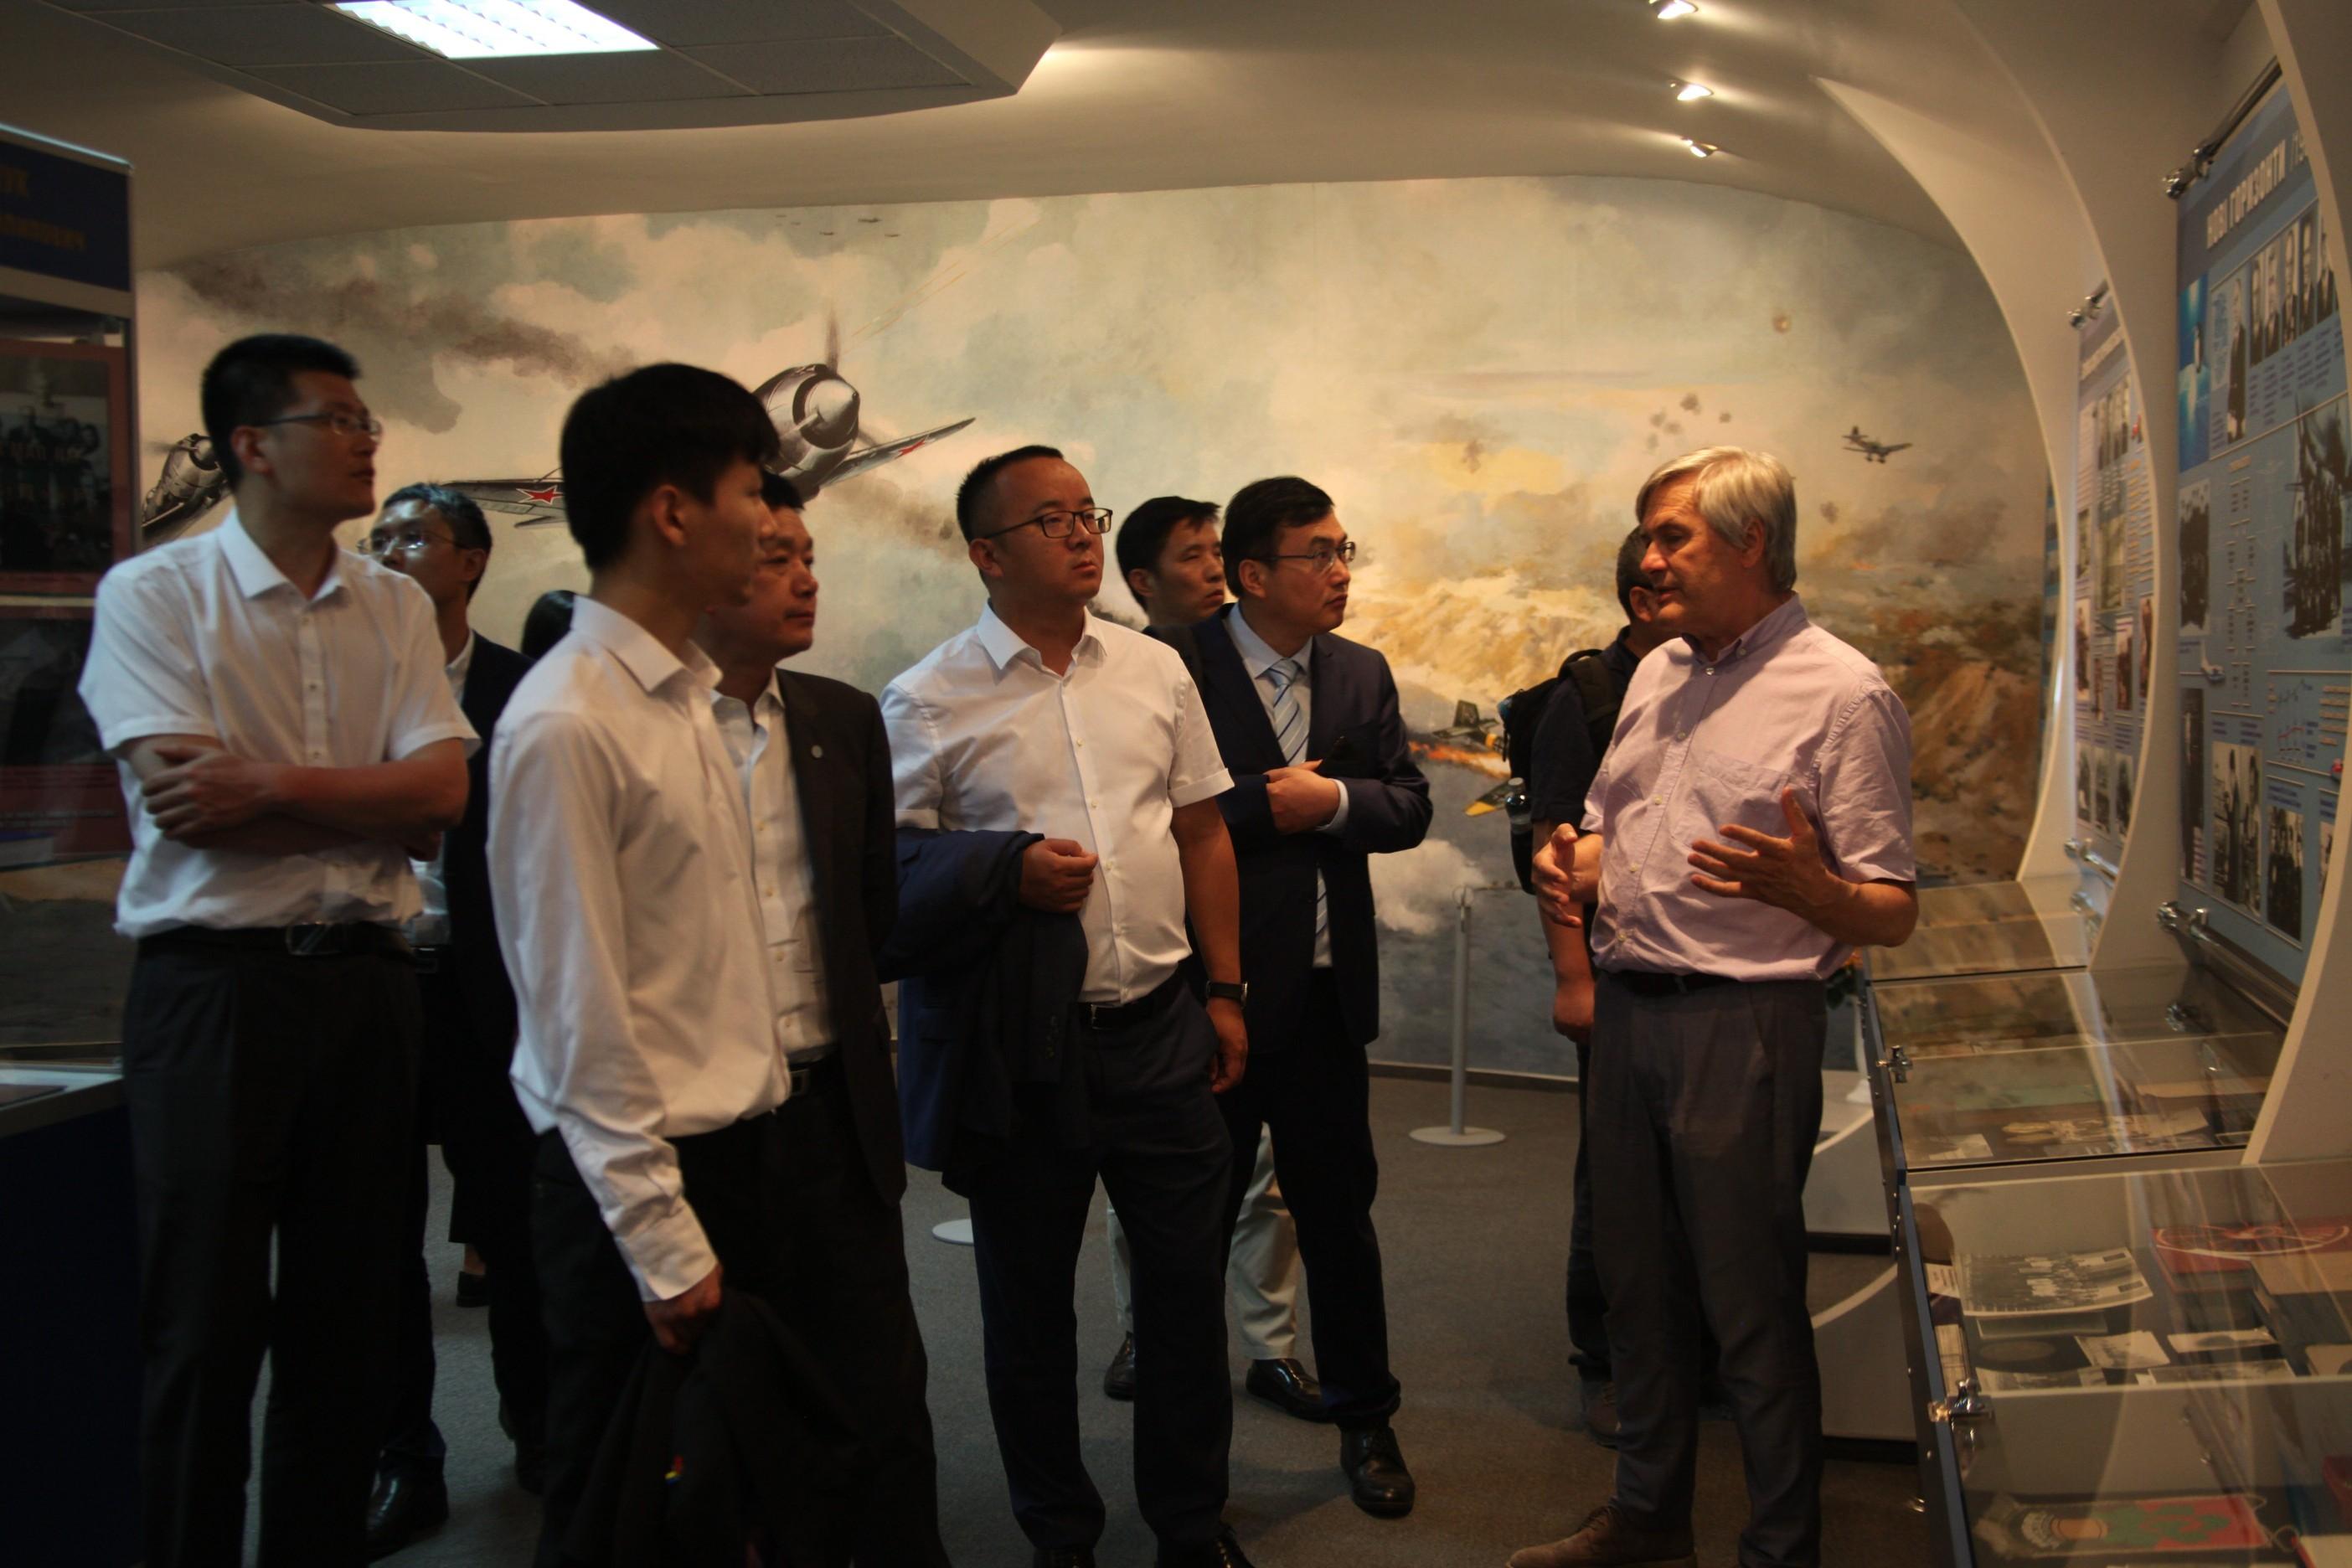 Delegation from China's Zhejiang province visits NAU